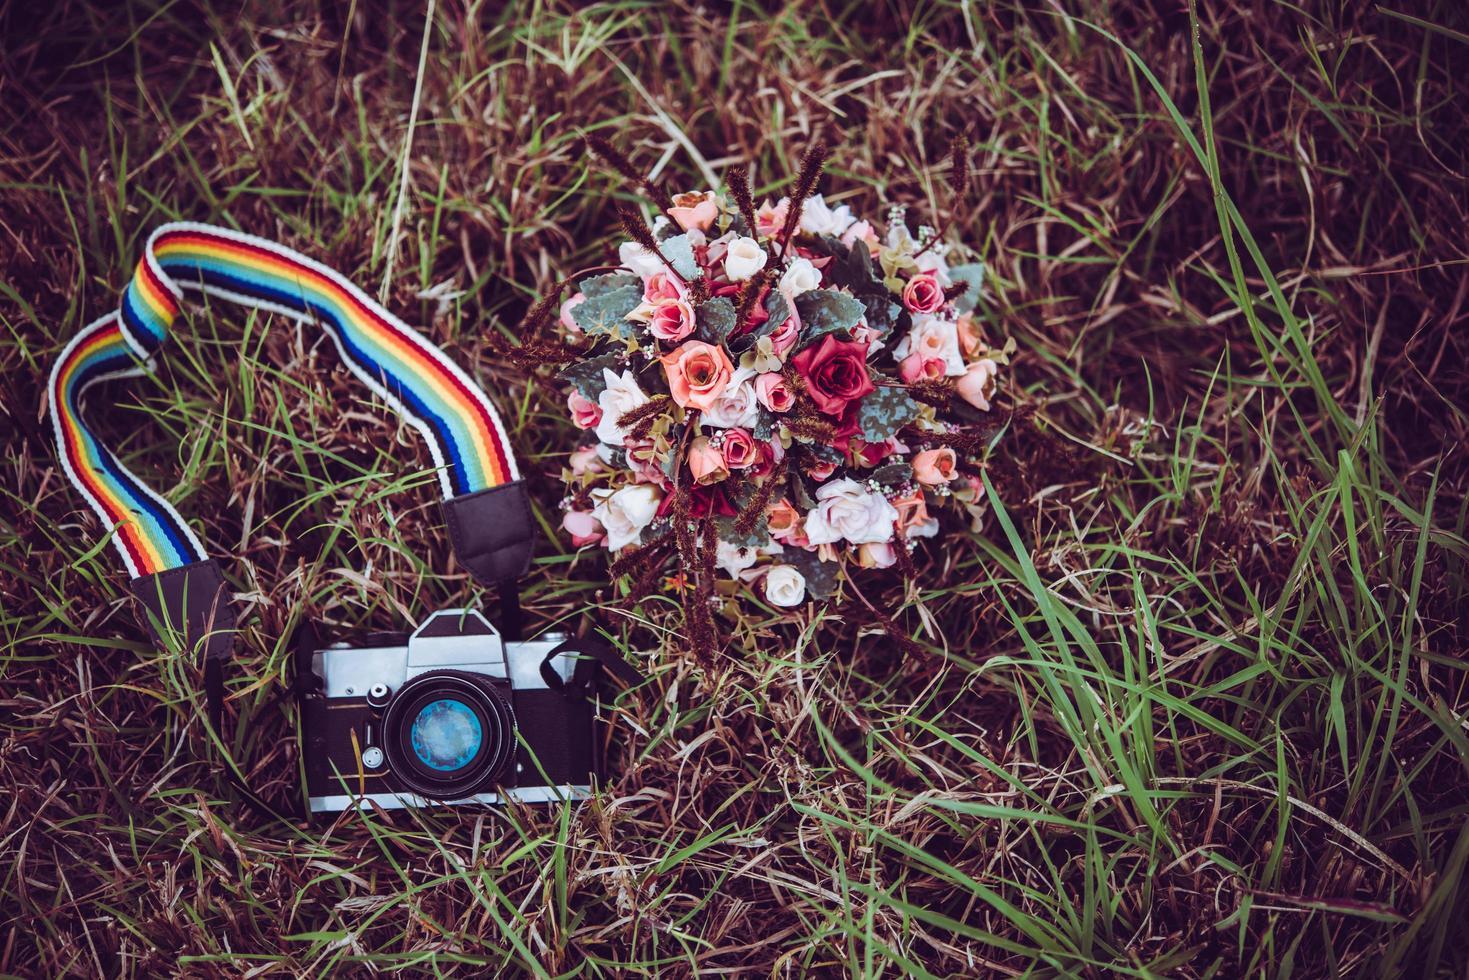 Appareil photo vintage avec bouquet de fleurs sur fond d'herbe